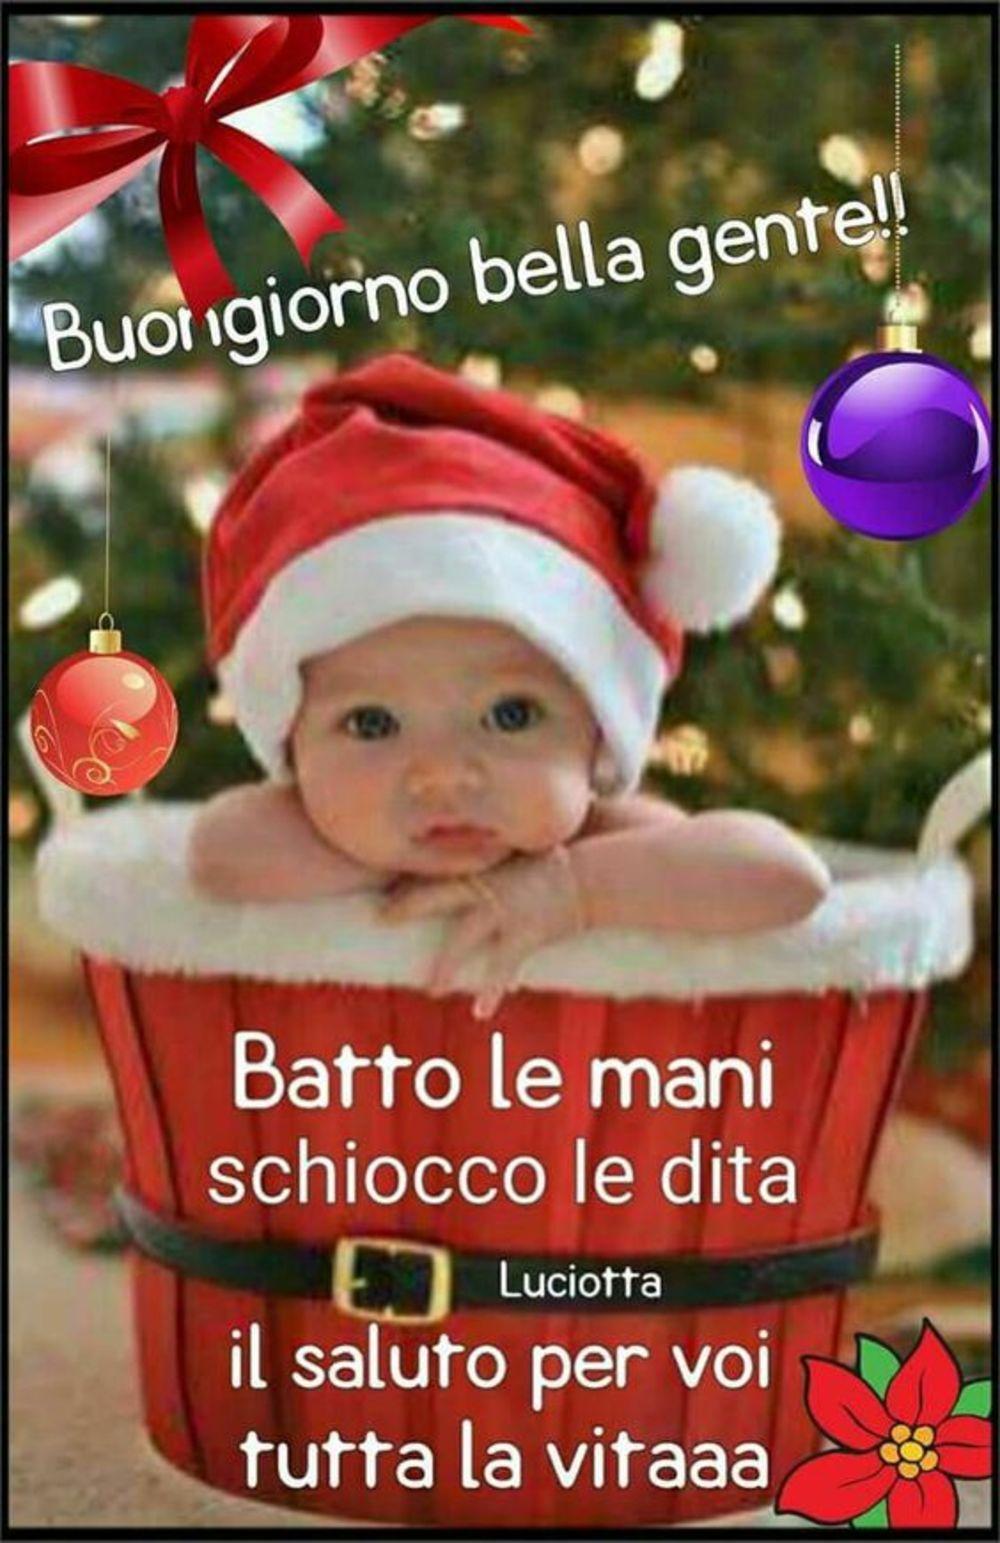 Immagini Bambini Natale.Buongiorno Con I Bambini Natale Buongiorno A Tema Natale